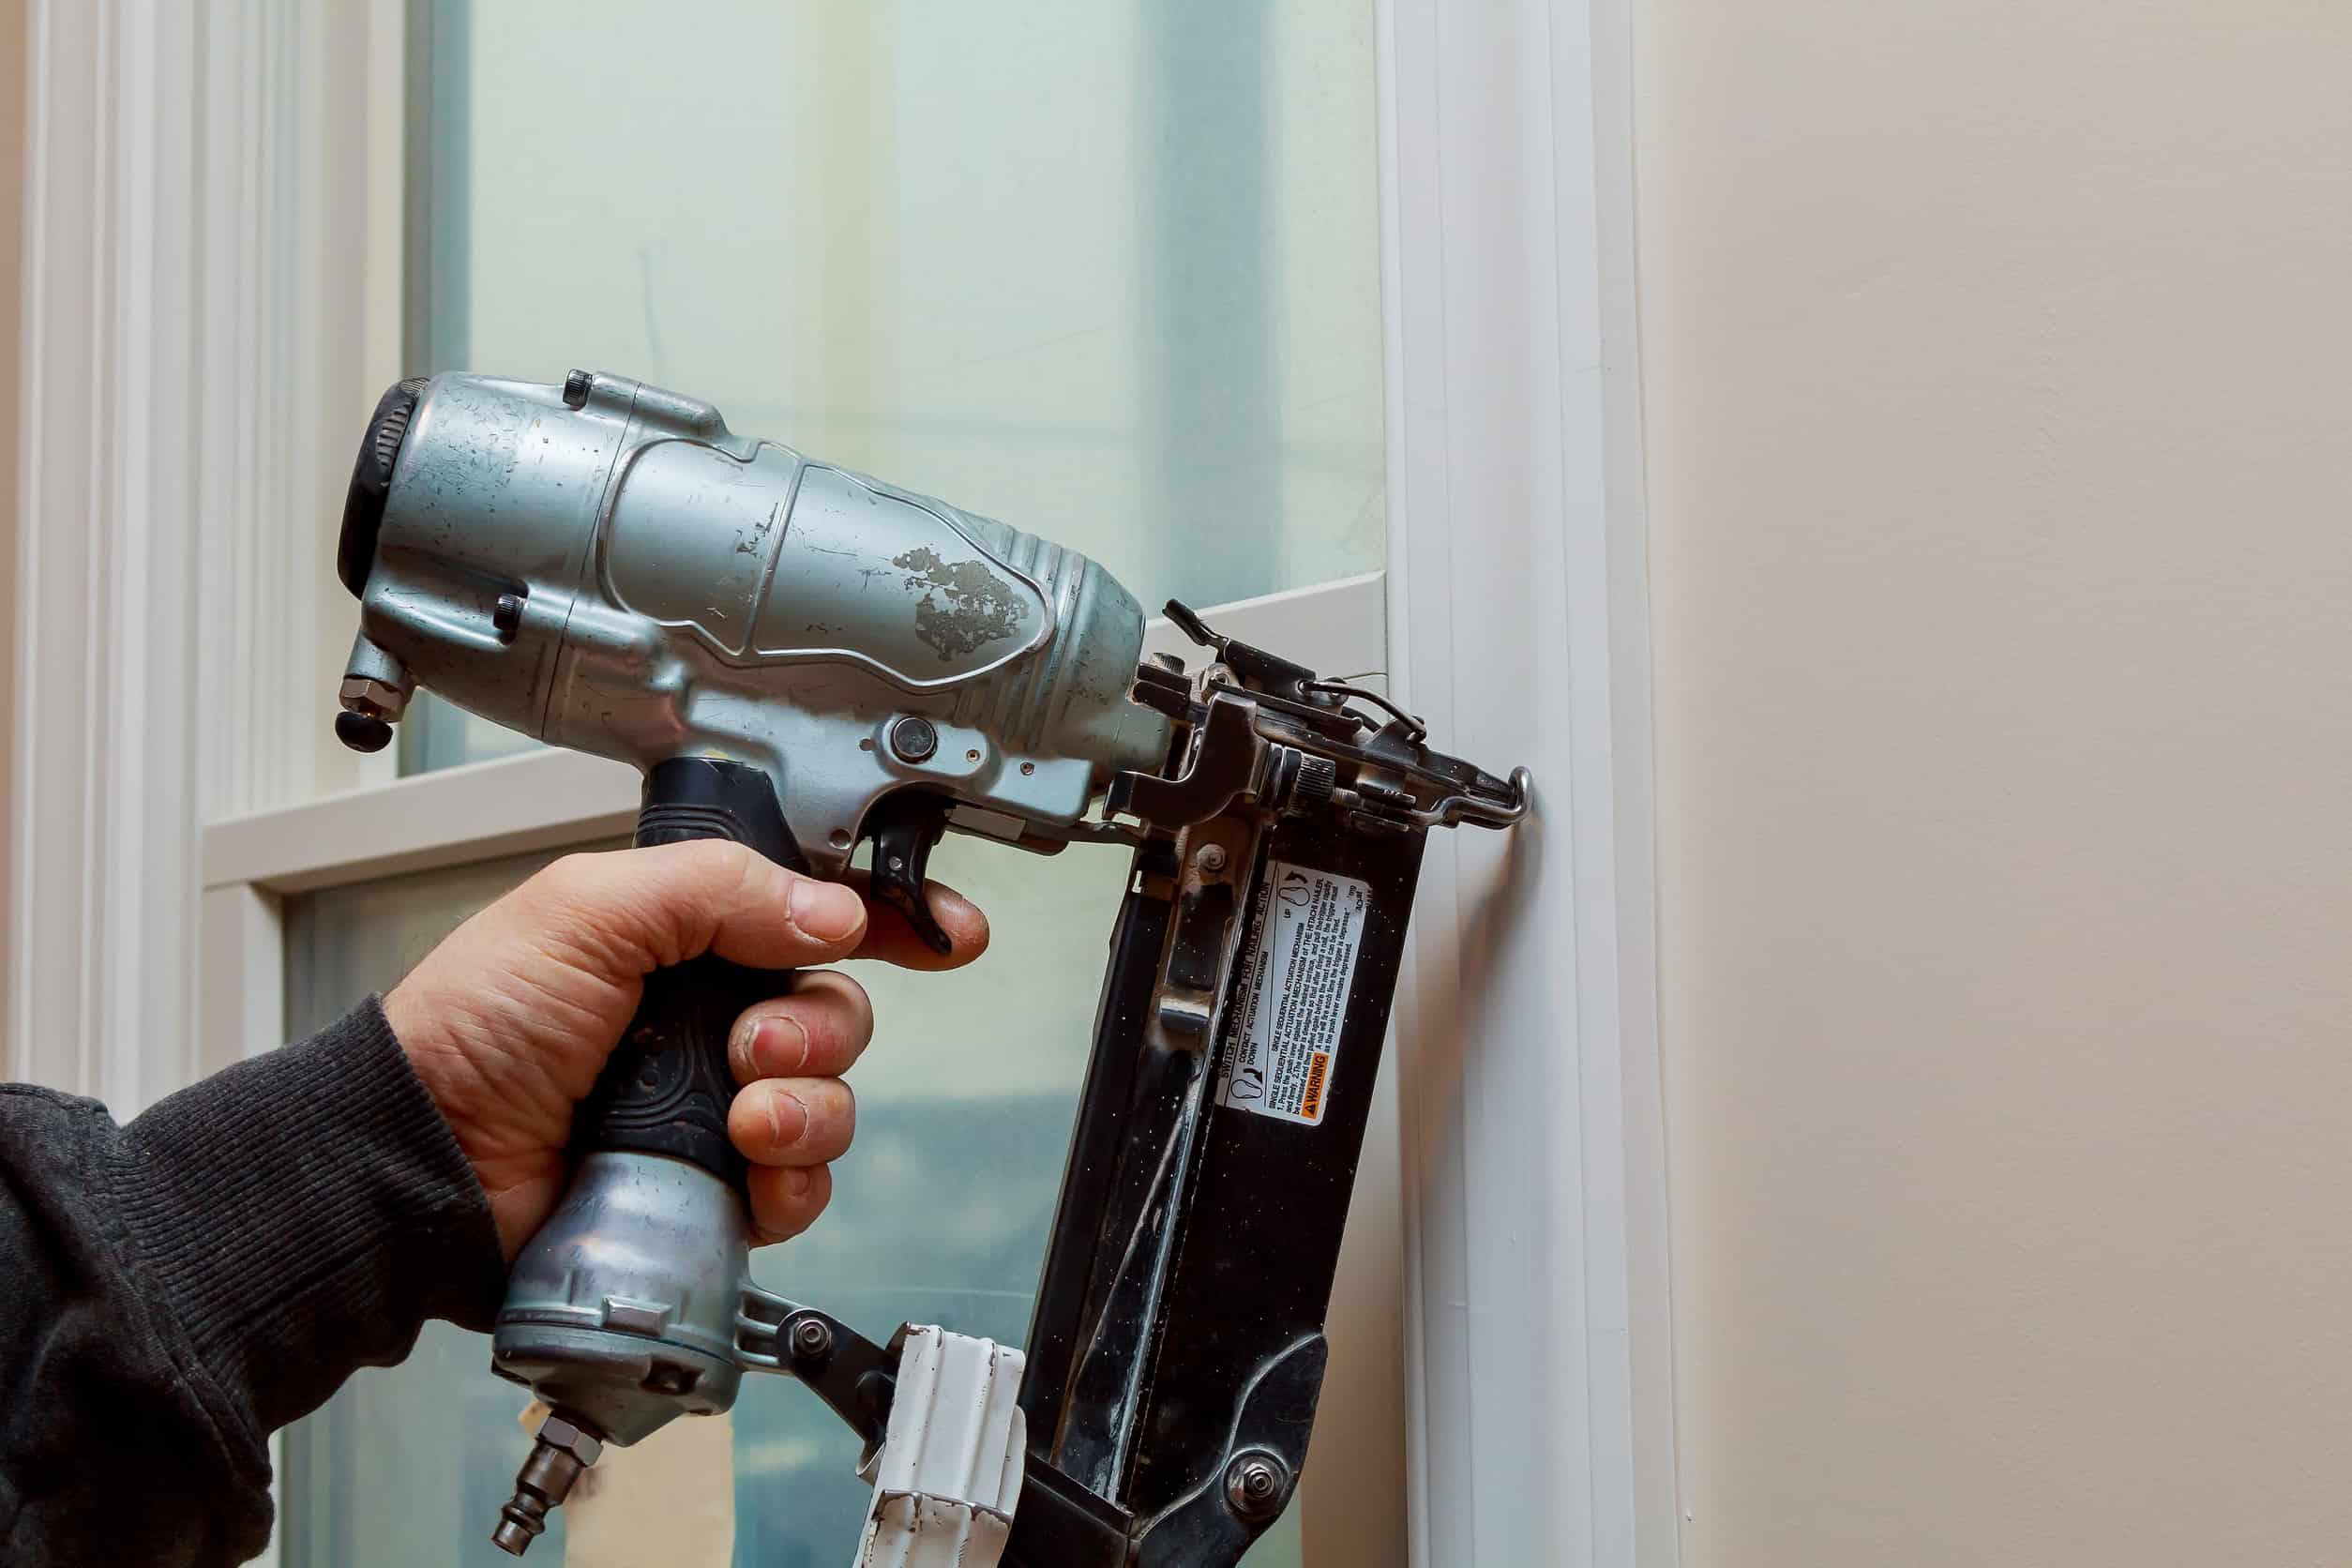 Laser Entfernungsmesser Ausleihen Obi : Obi fliesenschneider ausleihen baumarkt waldshut tiengen